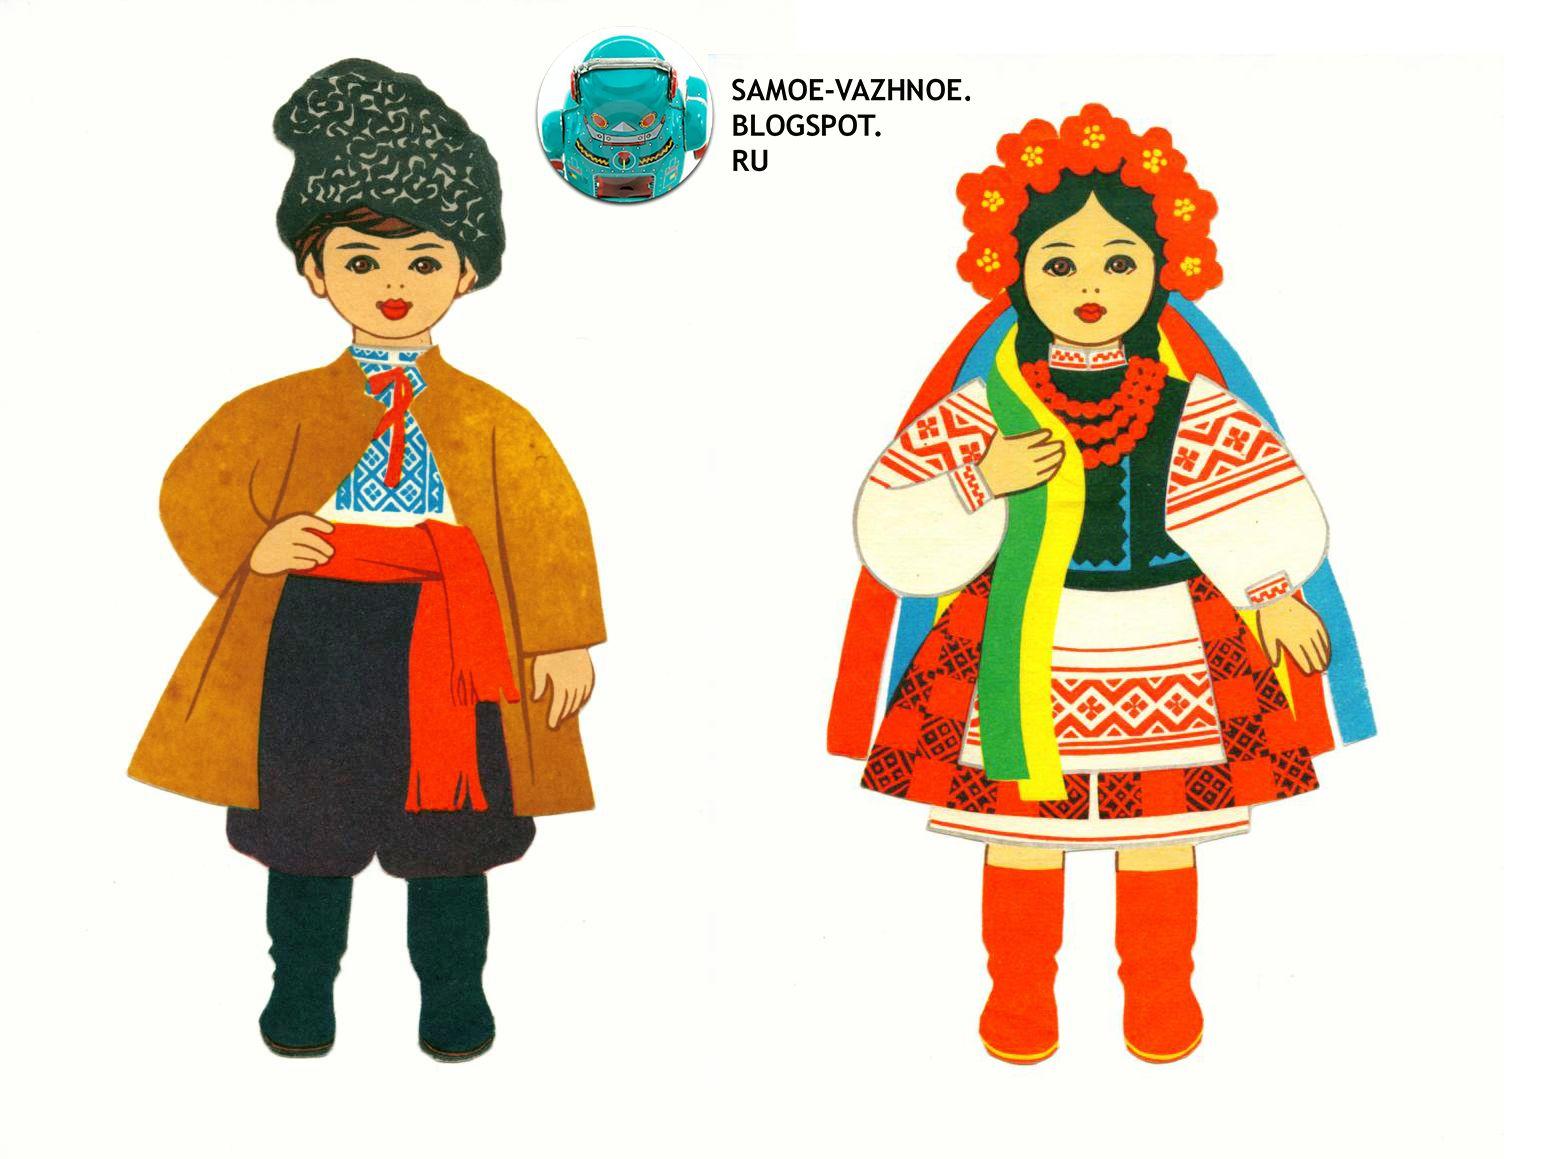 Куклы в национальных костюмах народов россии для детского сада картинки, анекдоты